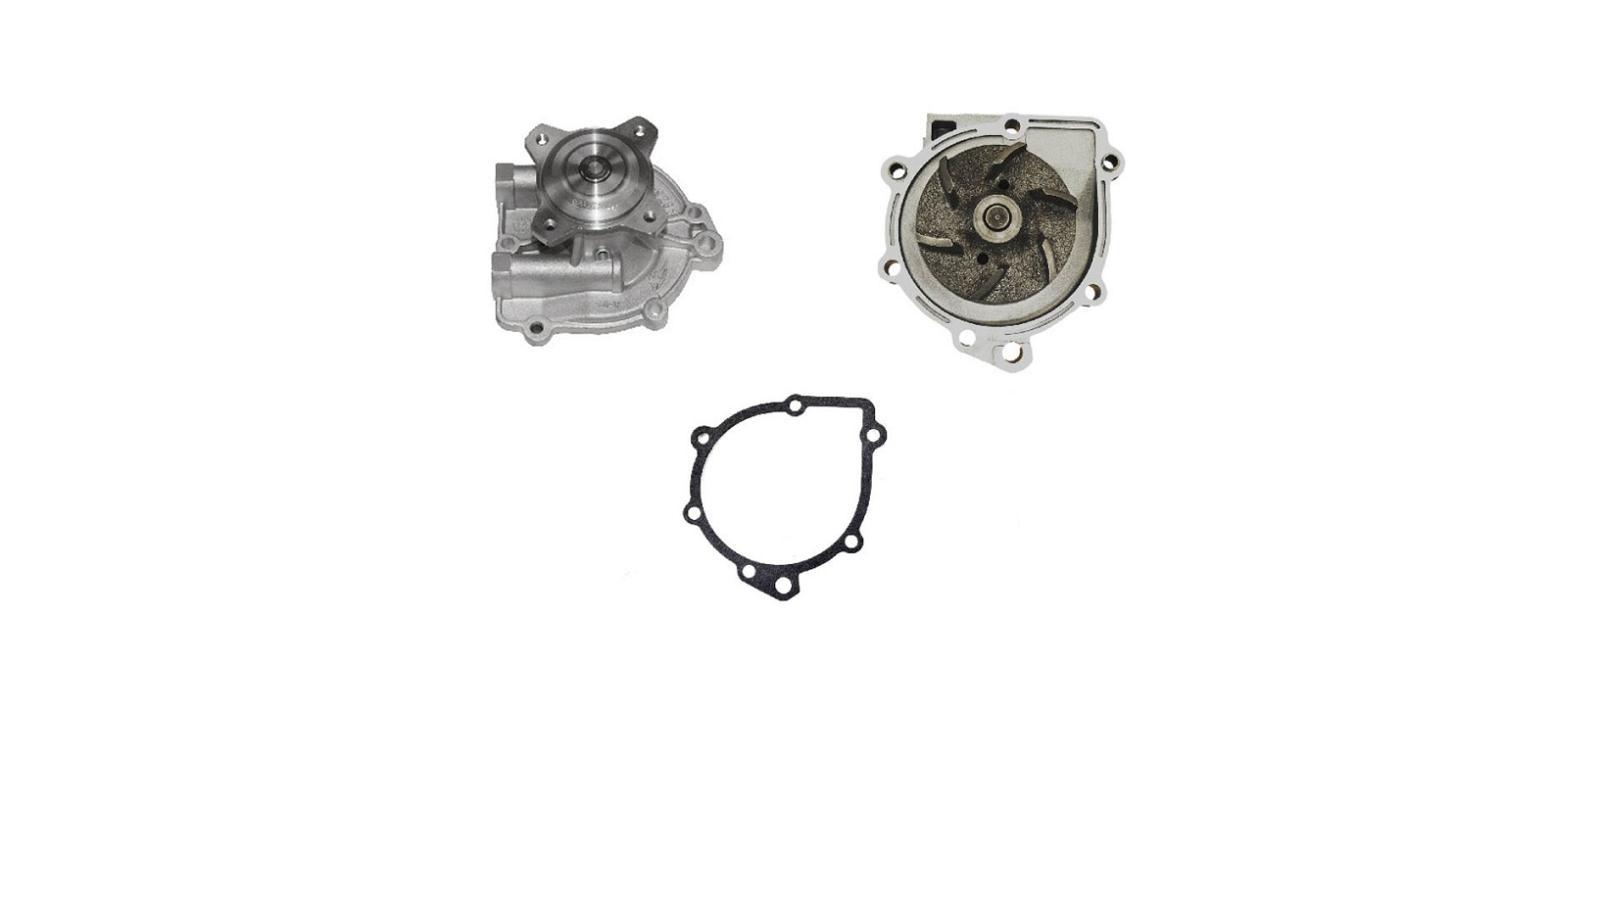 Suzuki Forenza Fuel Filter